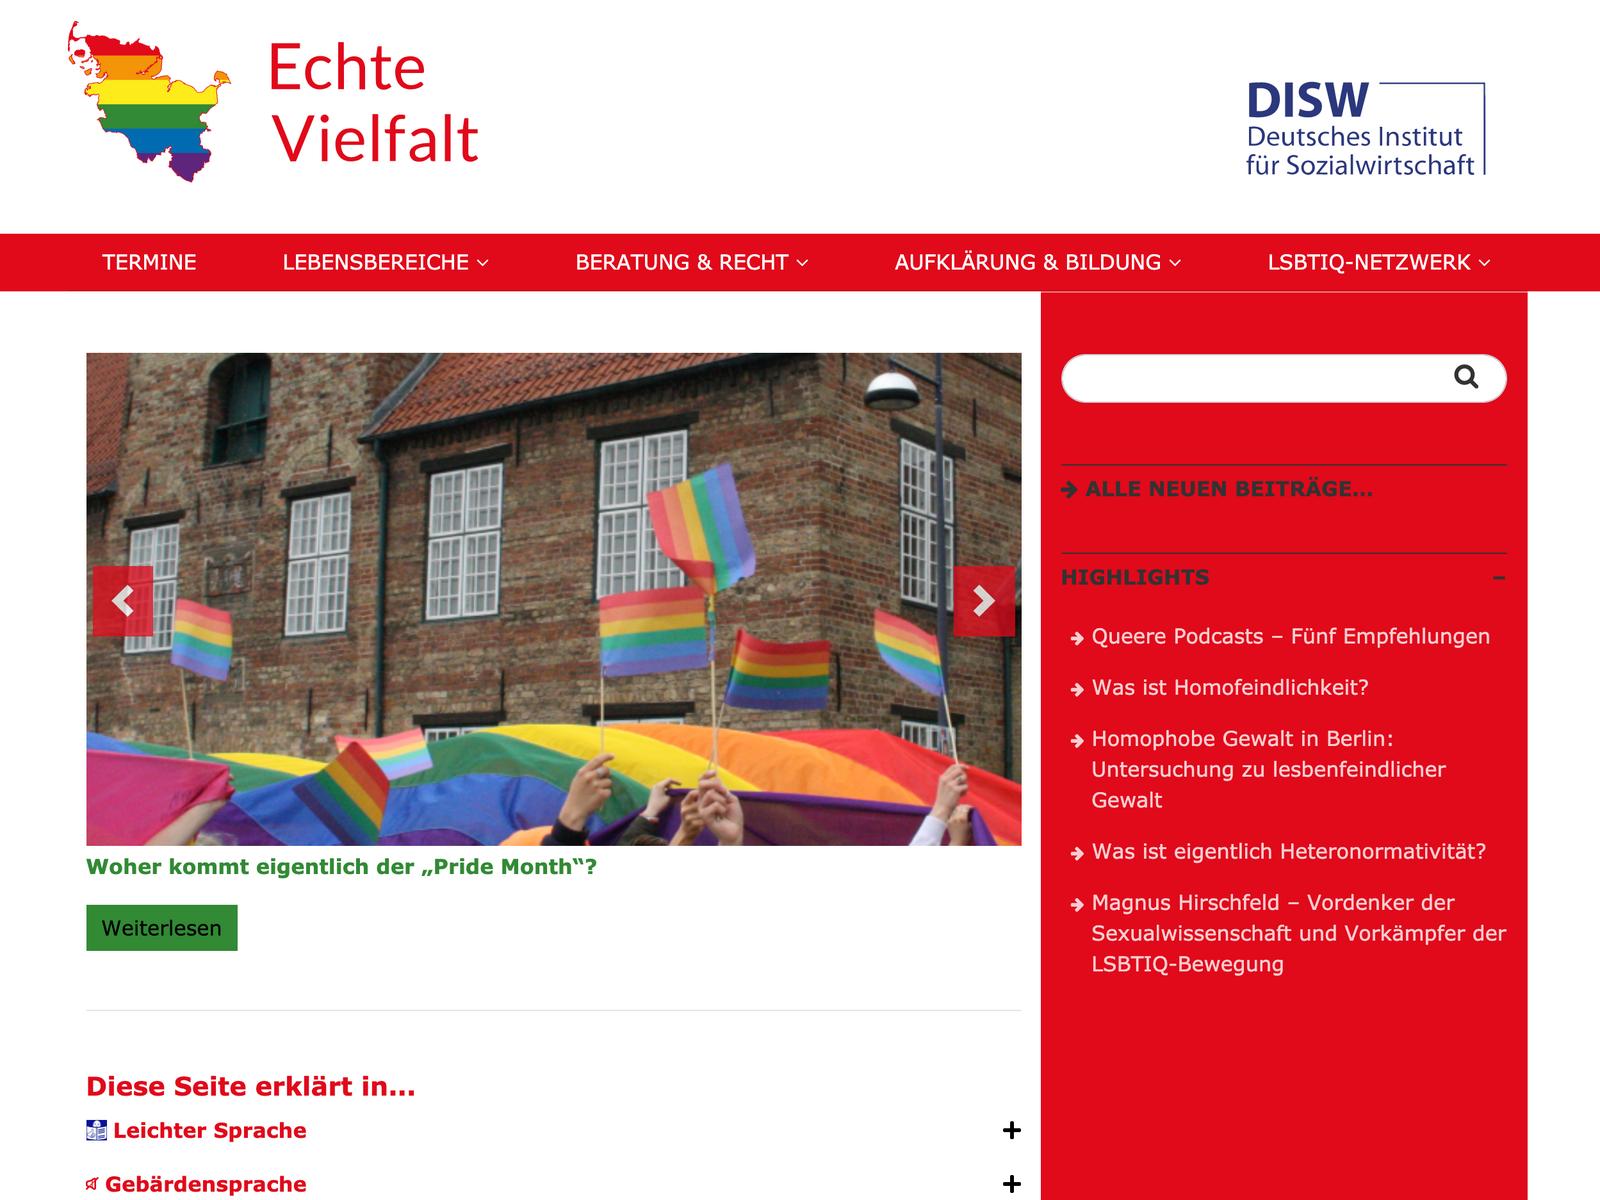 Webdesign und Wordpress-Entwicklung für Echte Vielfalt